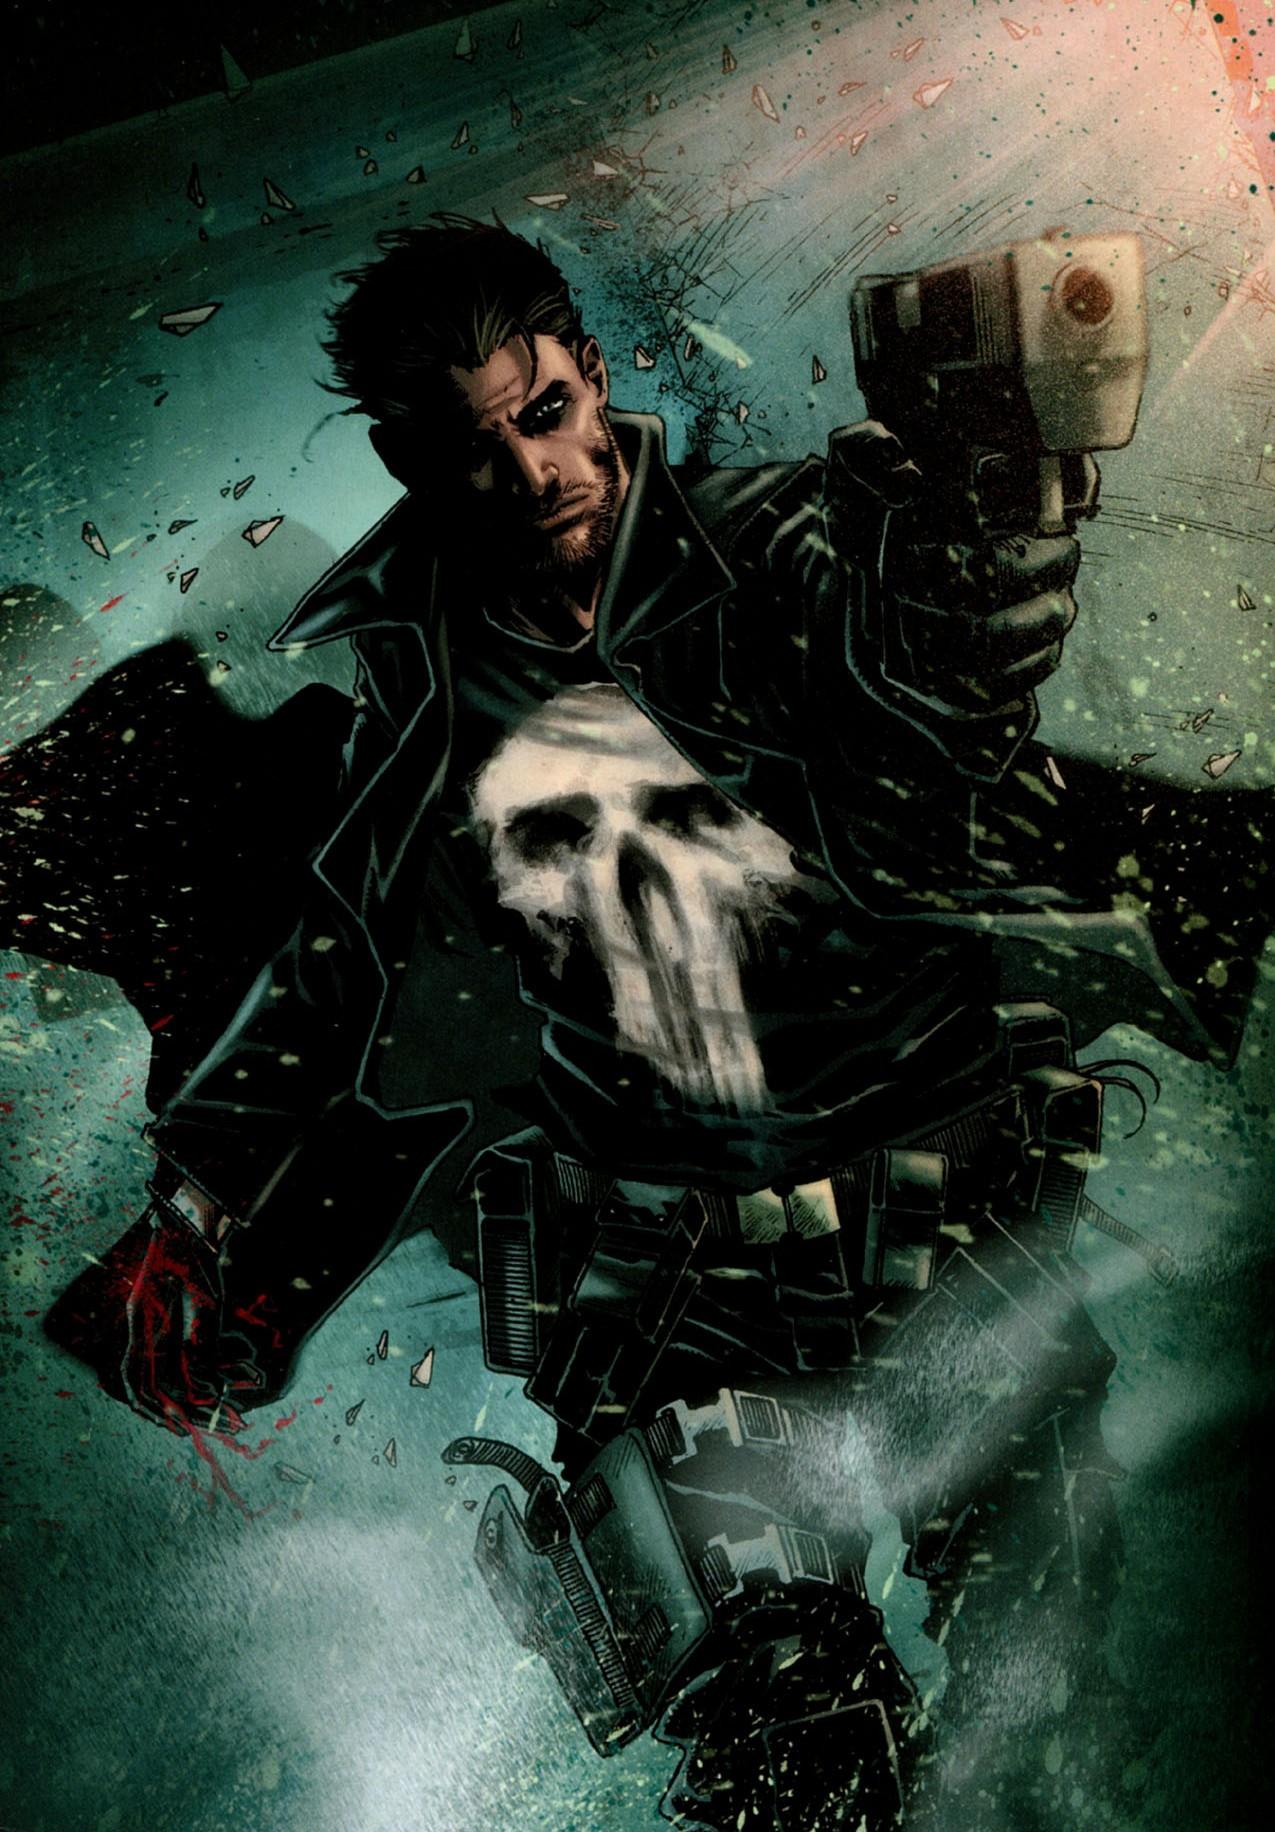 Frank Castle - Punisher